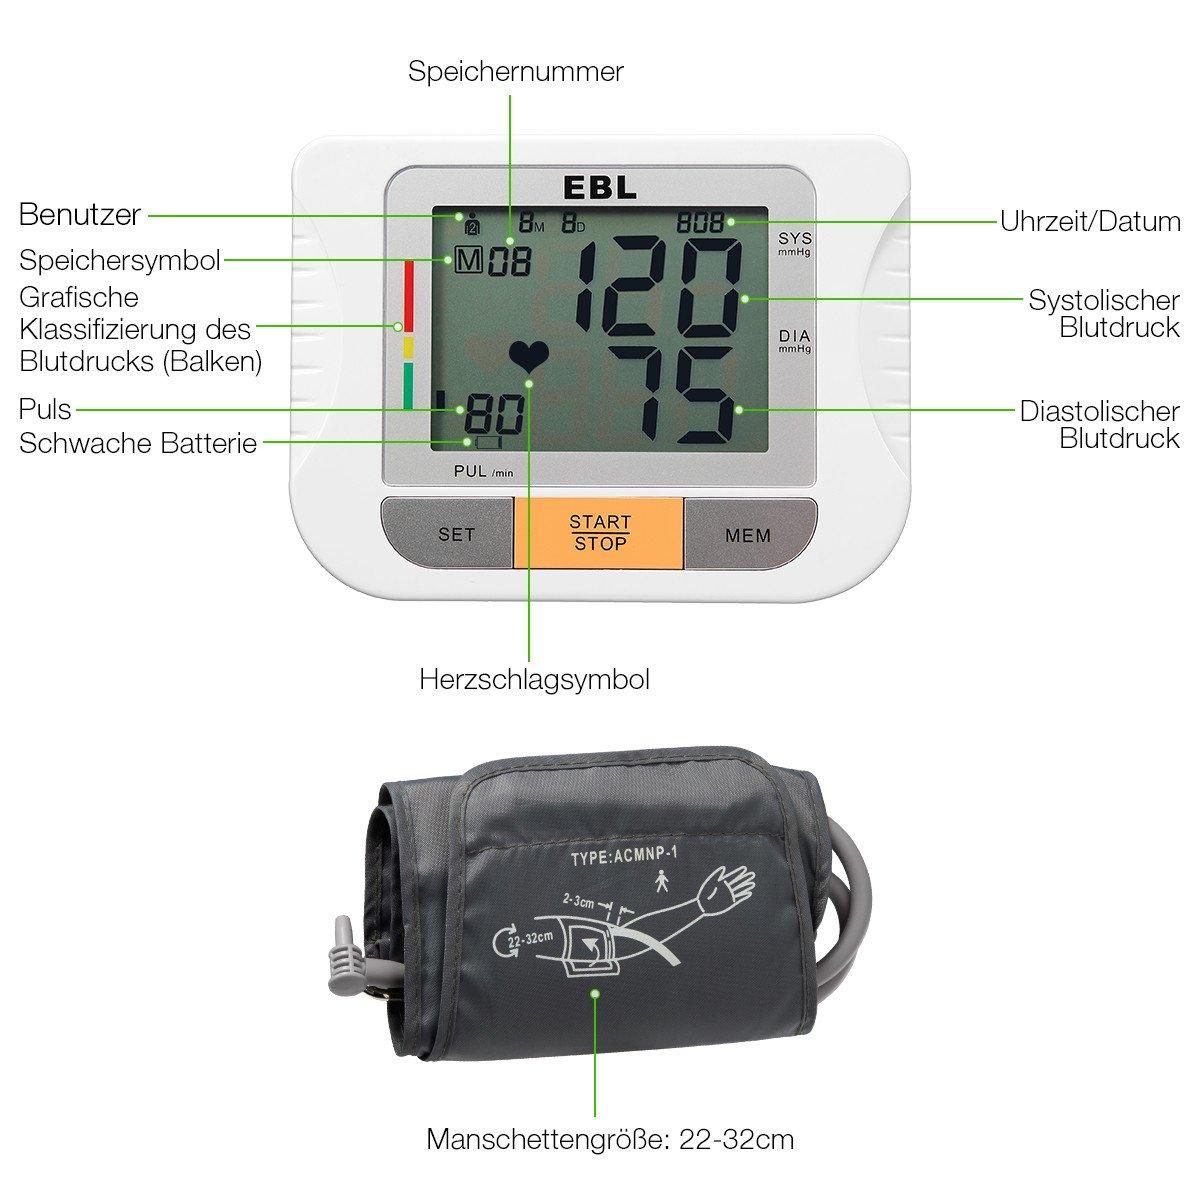 EBL Oberarm Blutdruckmessgerät mit Digitales LCD Display und Speichermodus für 2 Benutzer